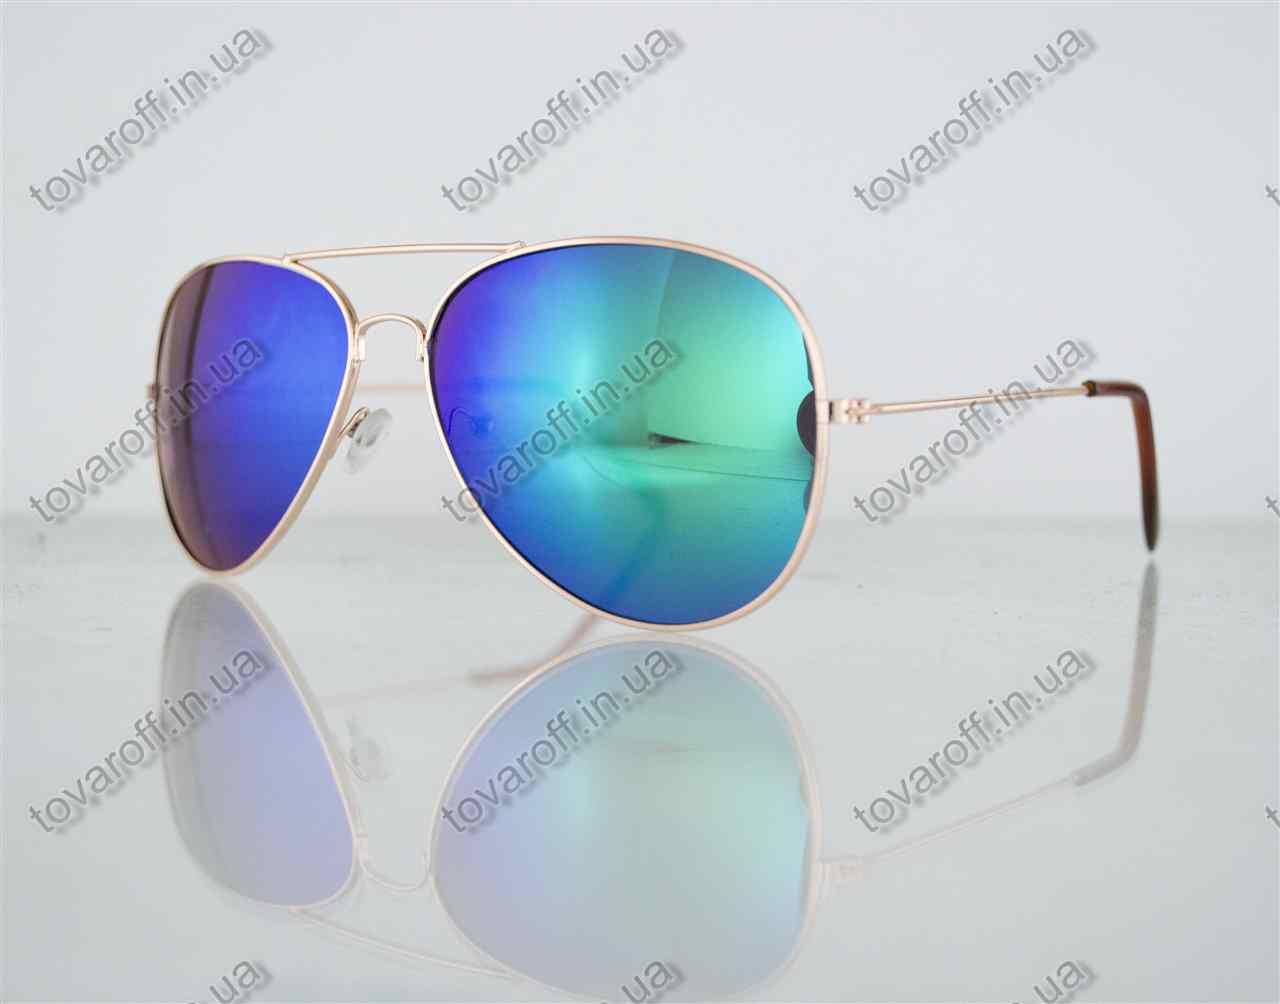 Оптом очки унисекс солнцезащитные Aviator (Авиатор) зеркальные - Золотые - 3008